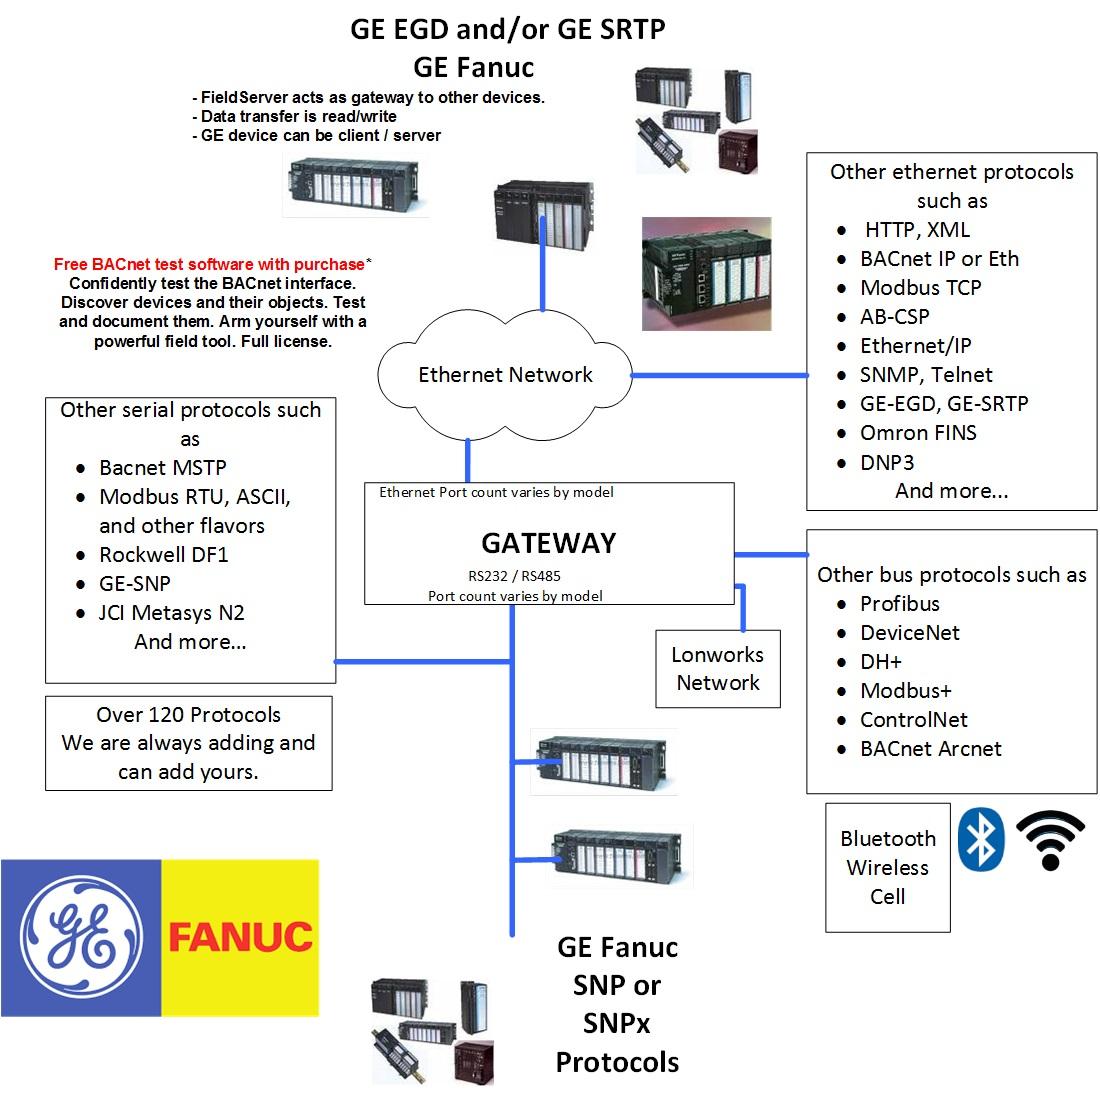 GE-SRTP to LonWorks QuickServer Gateway